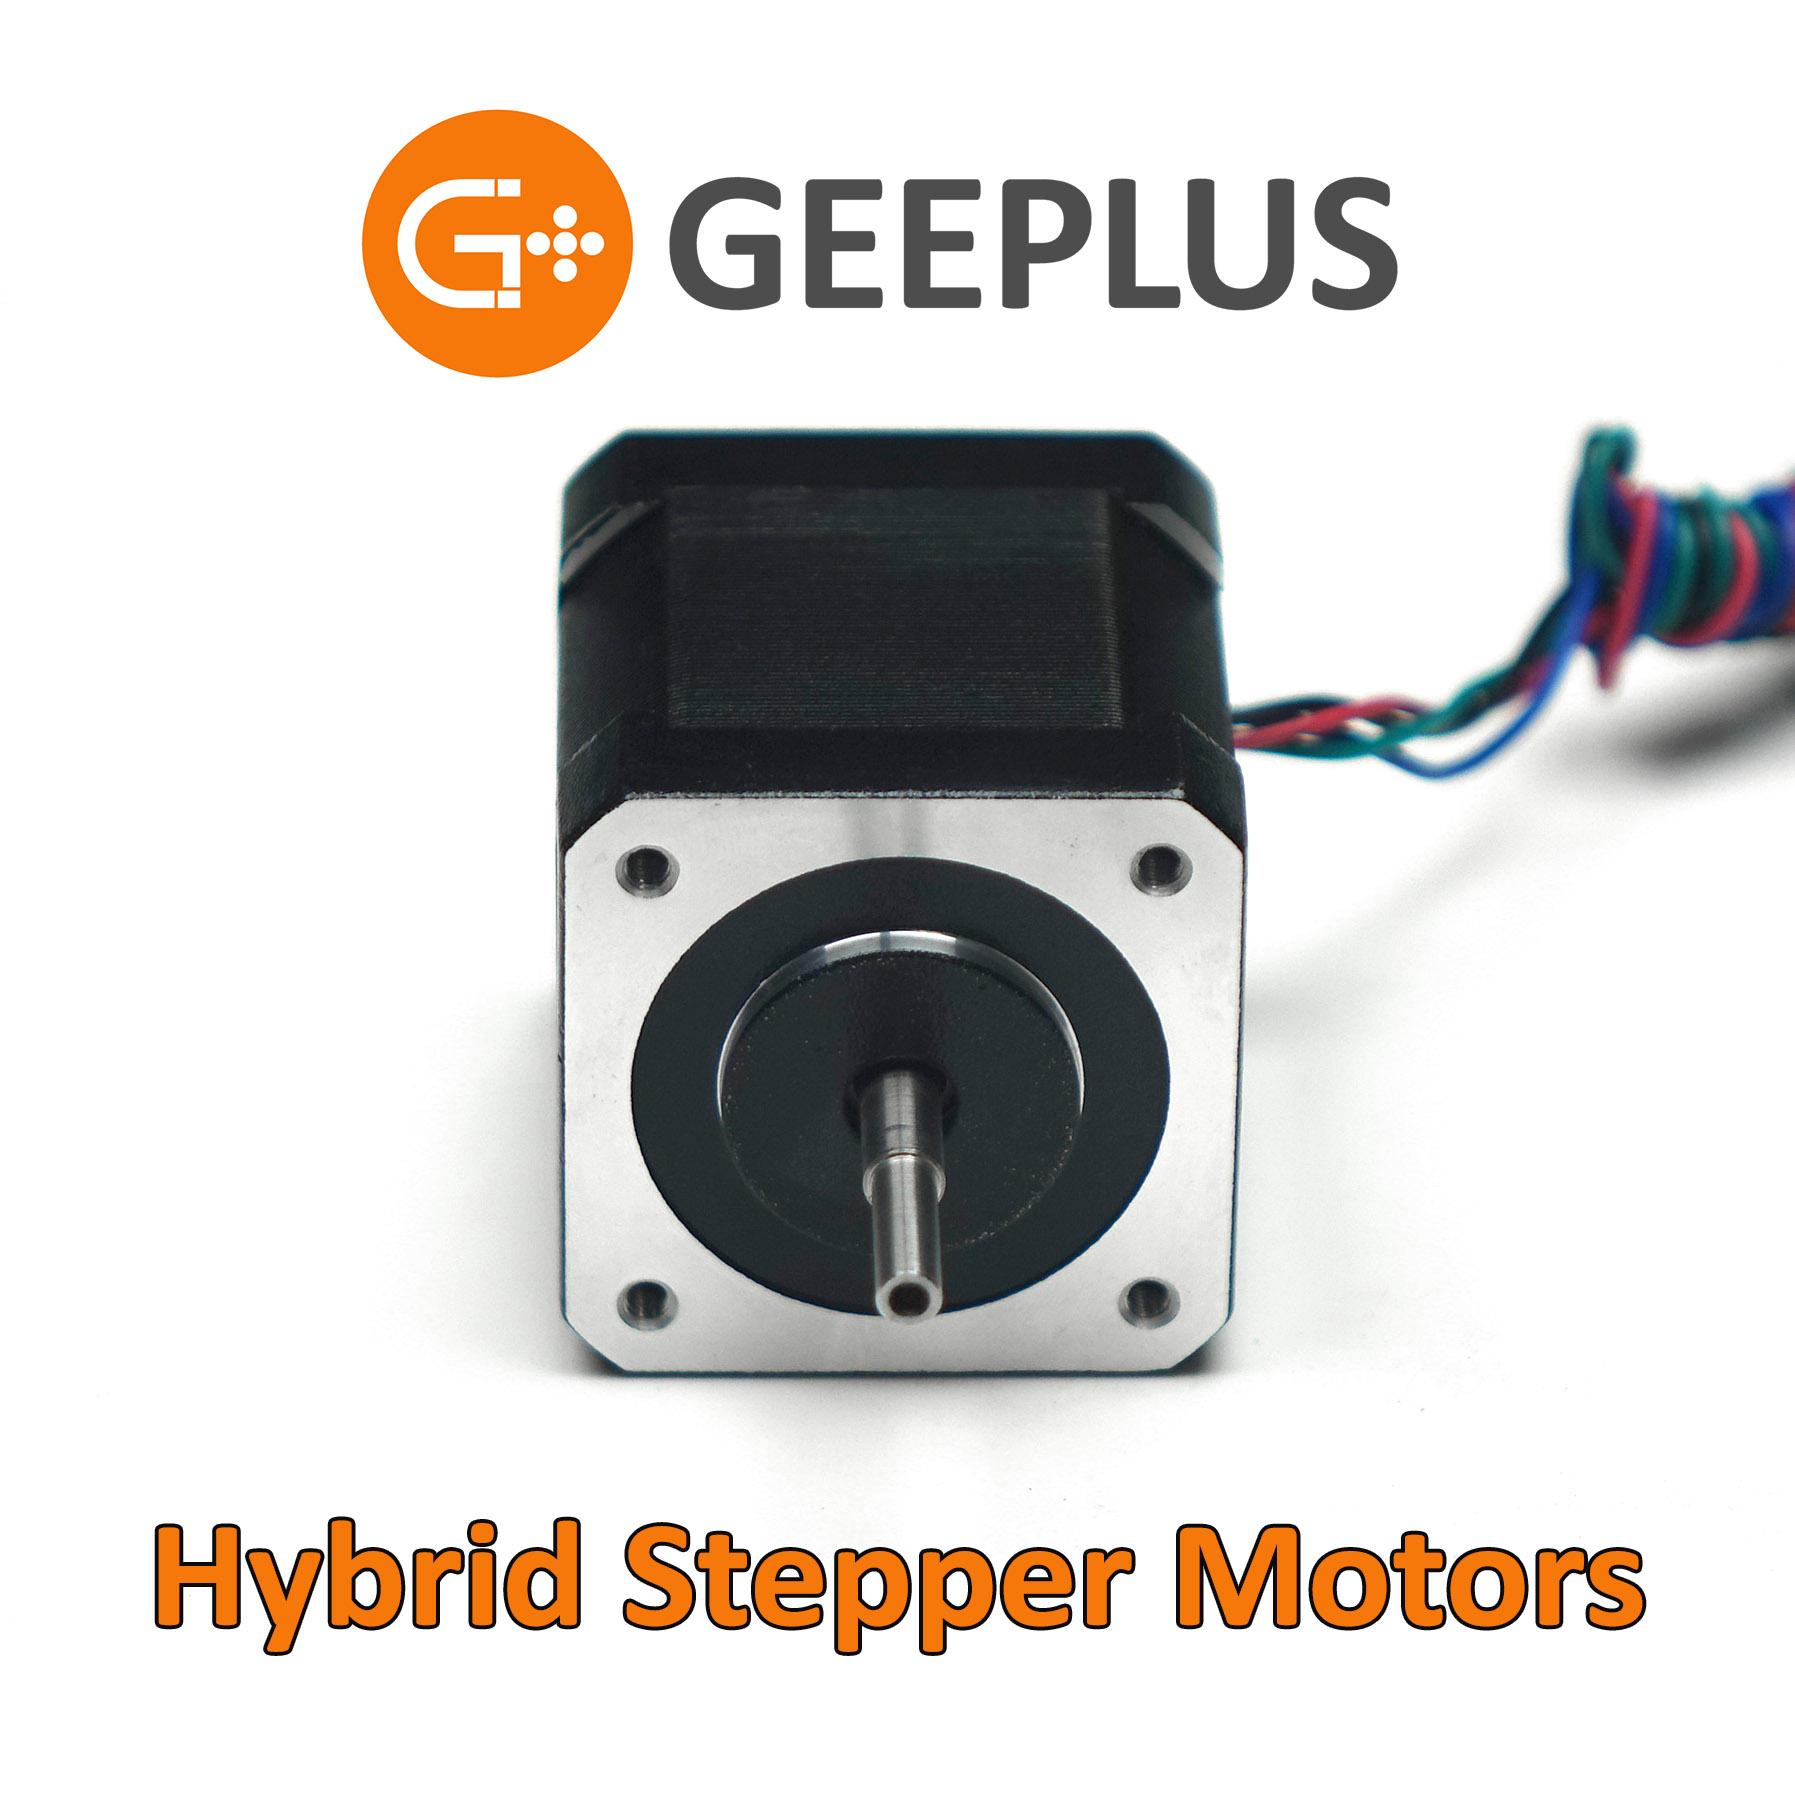 Hybrid Stepper Motors by Geeplus